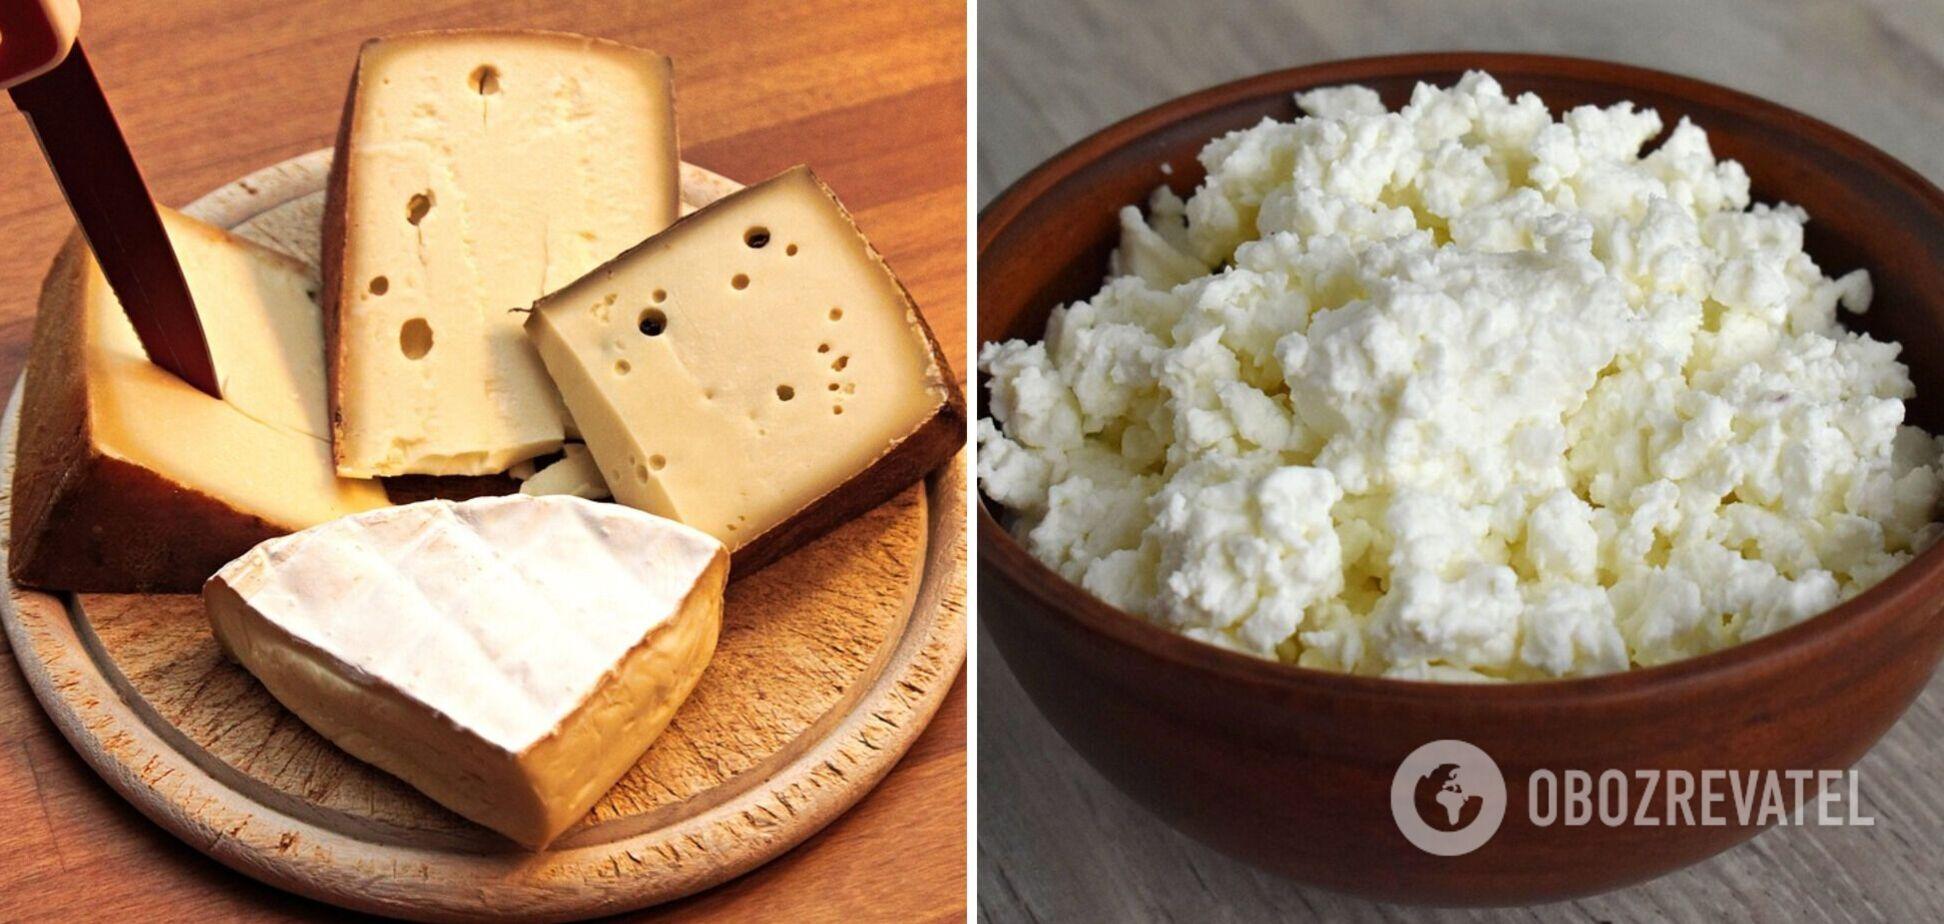 Кому диетологи не рекомендуют есть сыр и творог